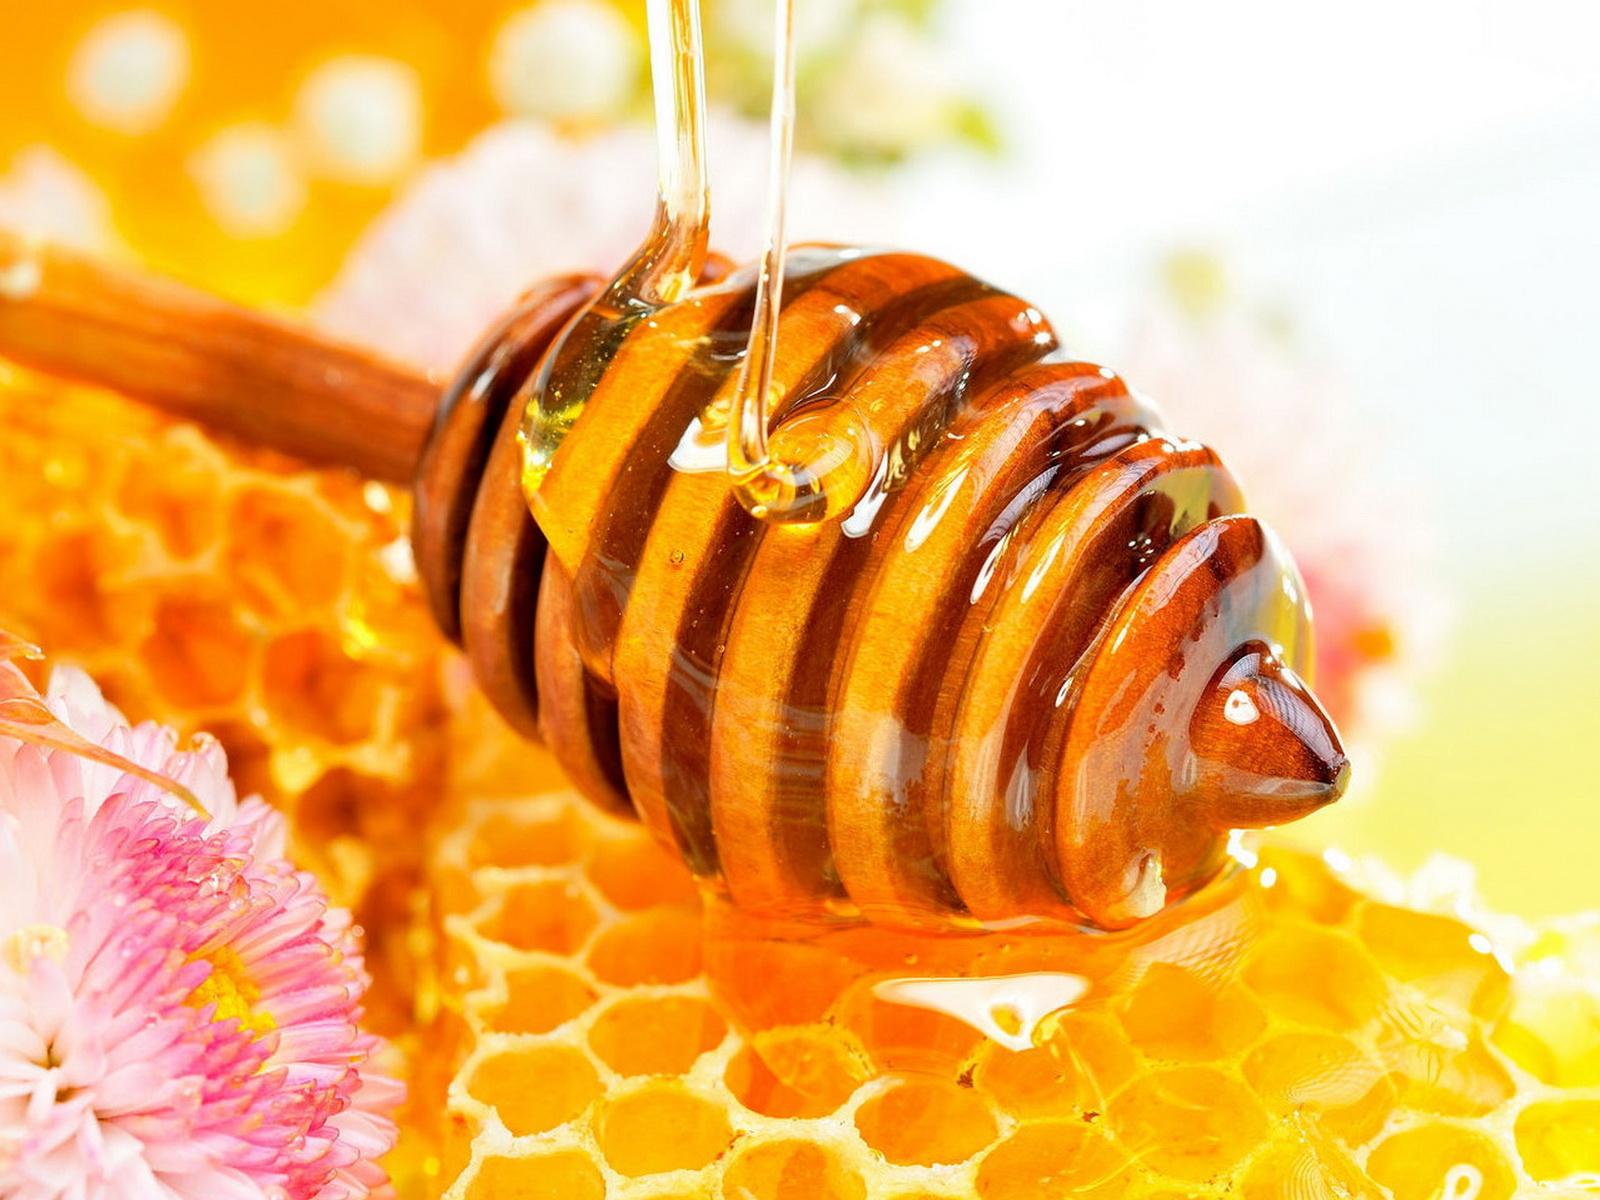 Медовое обертывание от целлюлита в домашних условиях: правила проведения, польза, целебный эффект, рецепты, показания и противопоказания, выбор меда, отзывы о процедуре